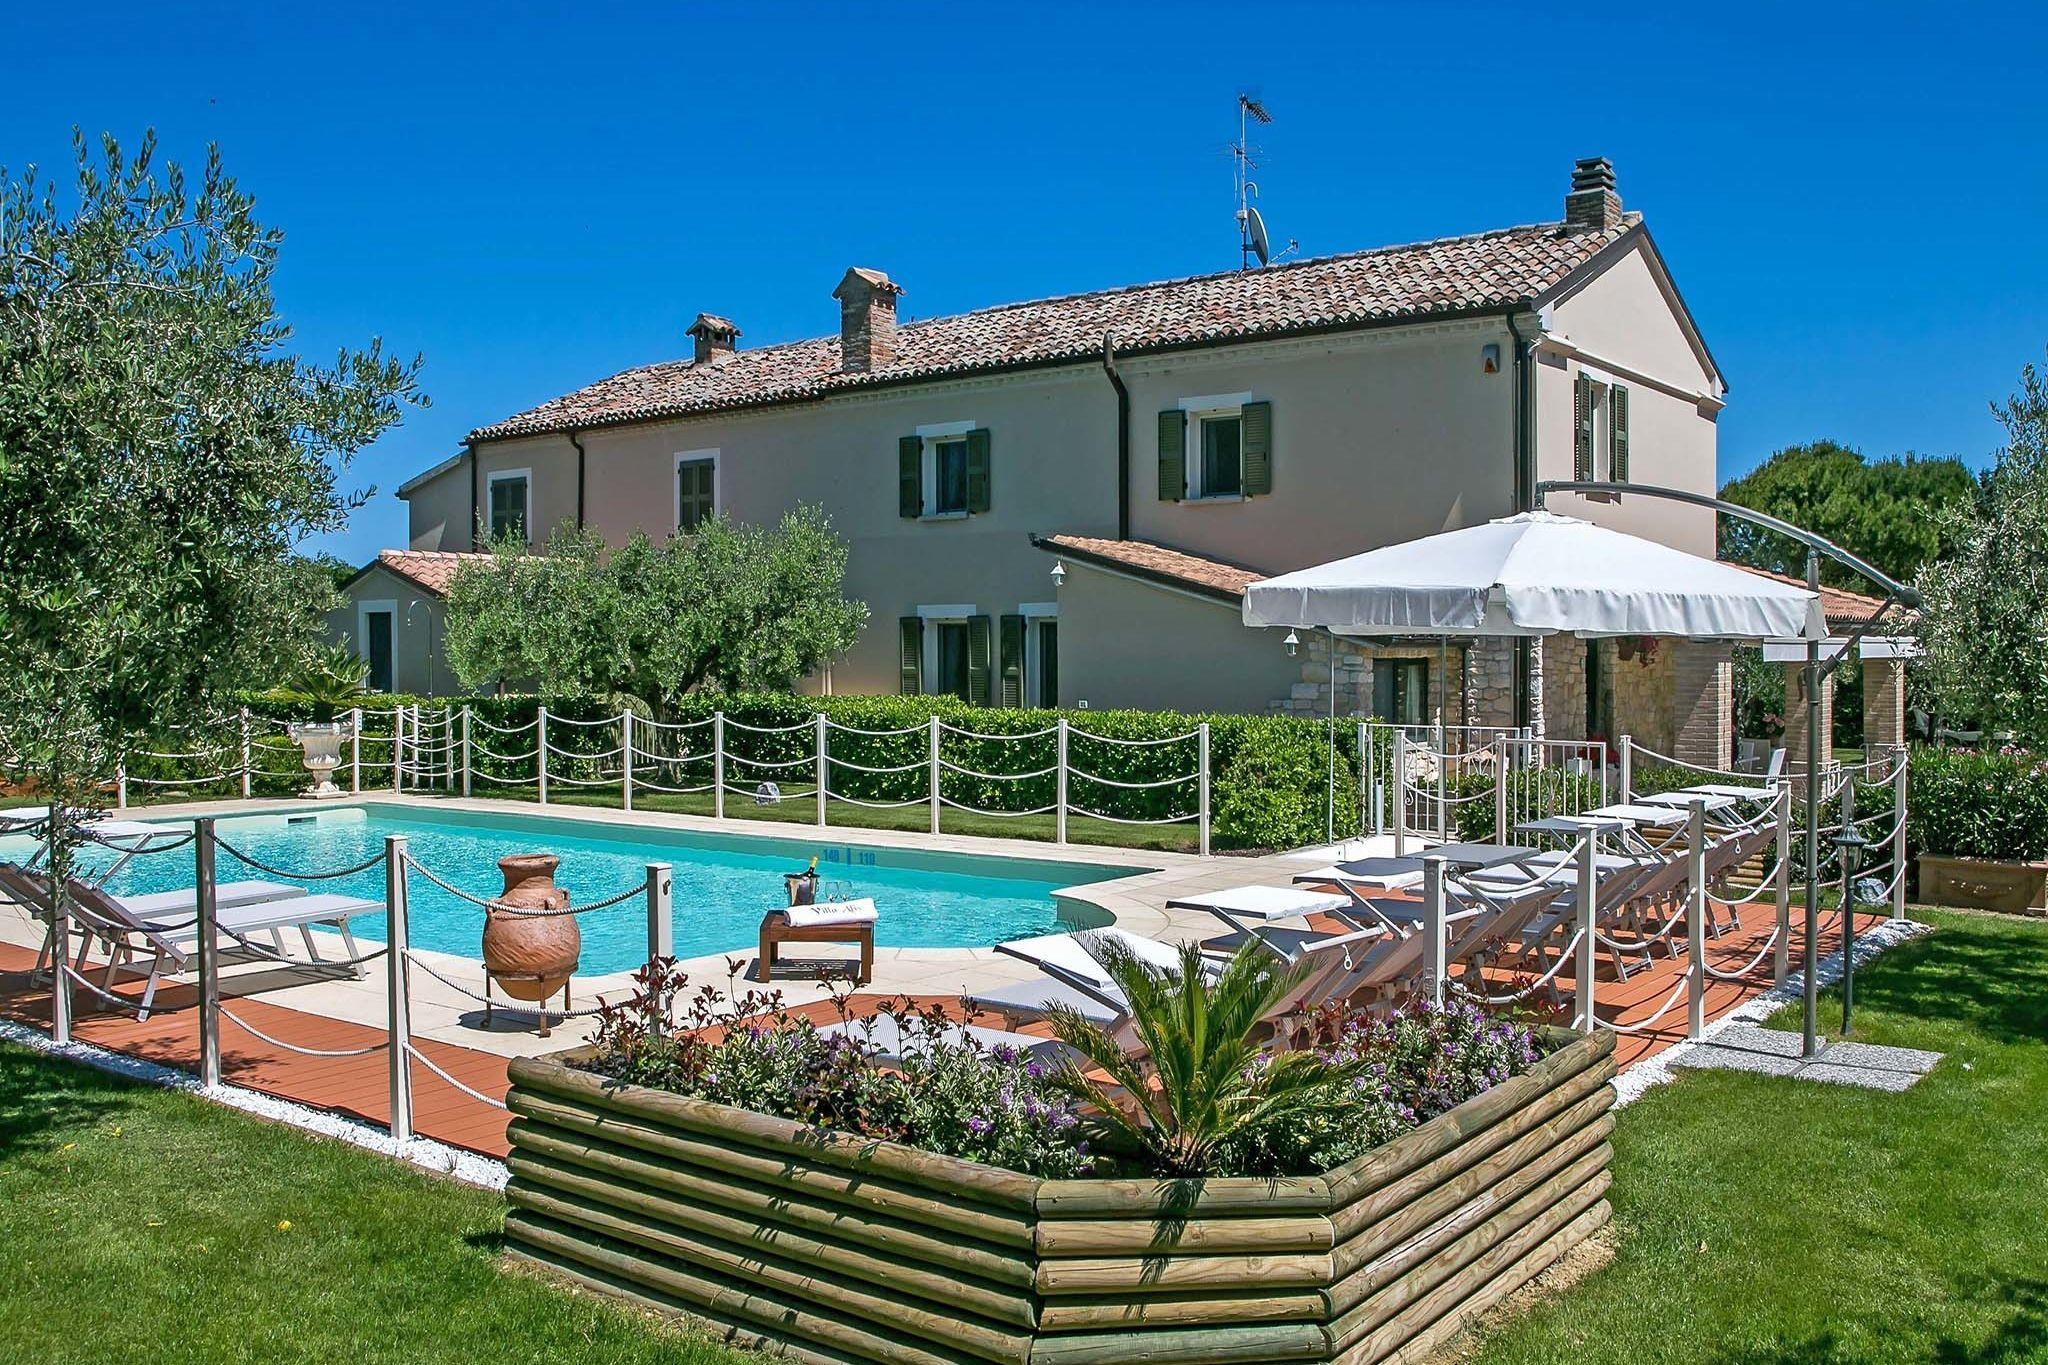 Residencia de 200 m² con piscina